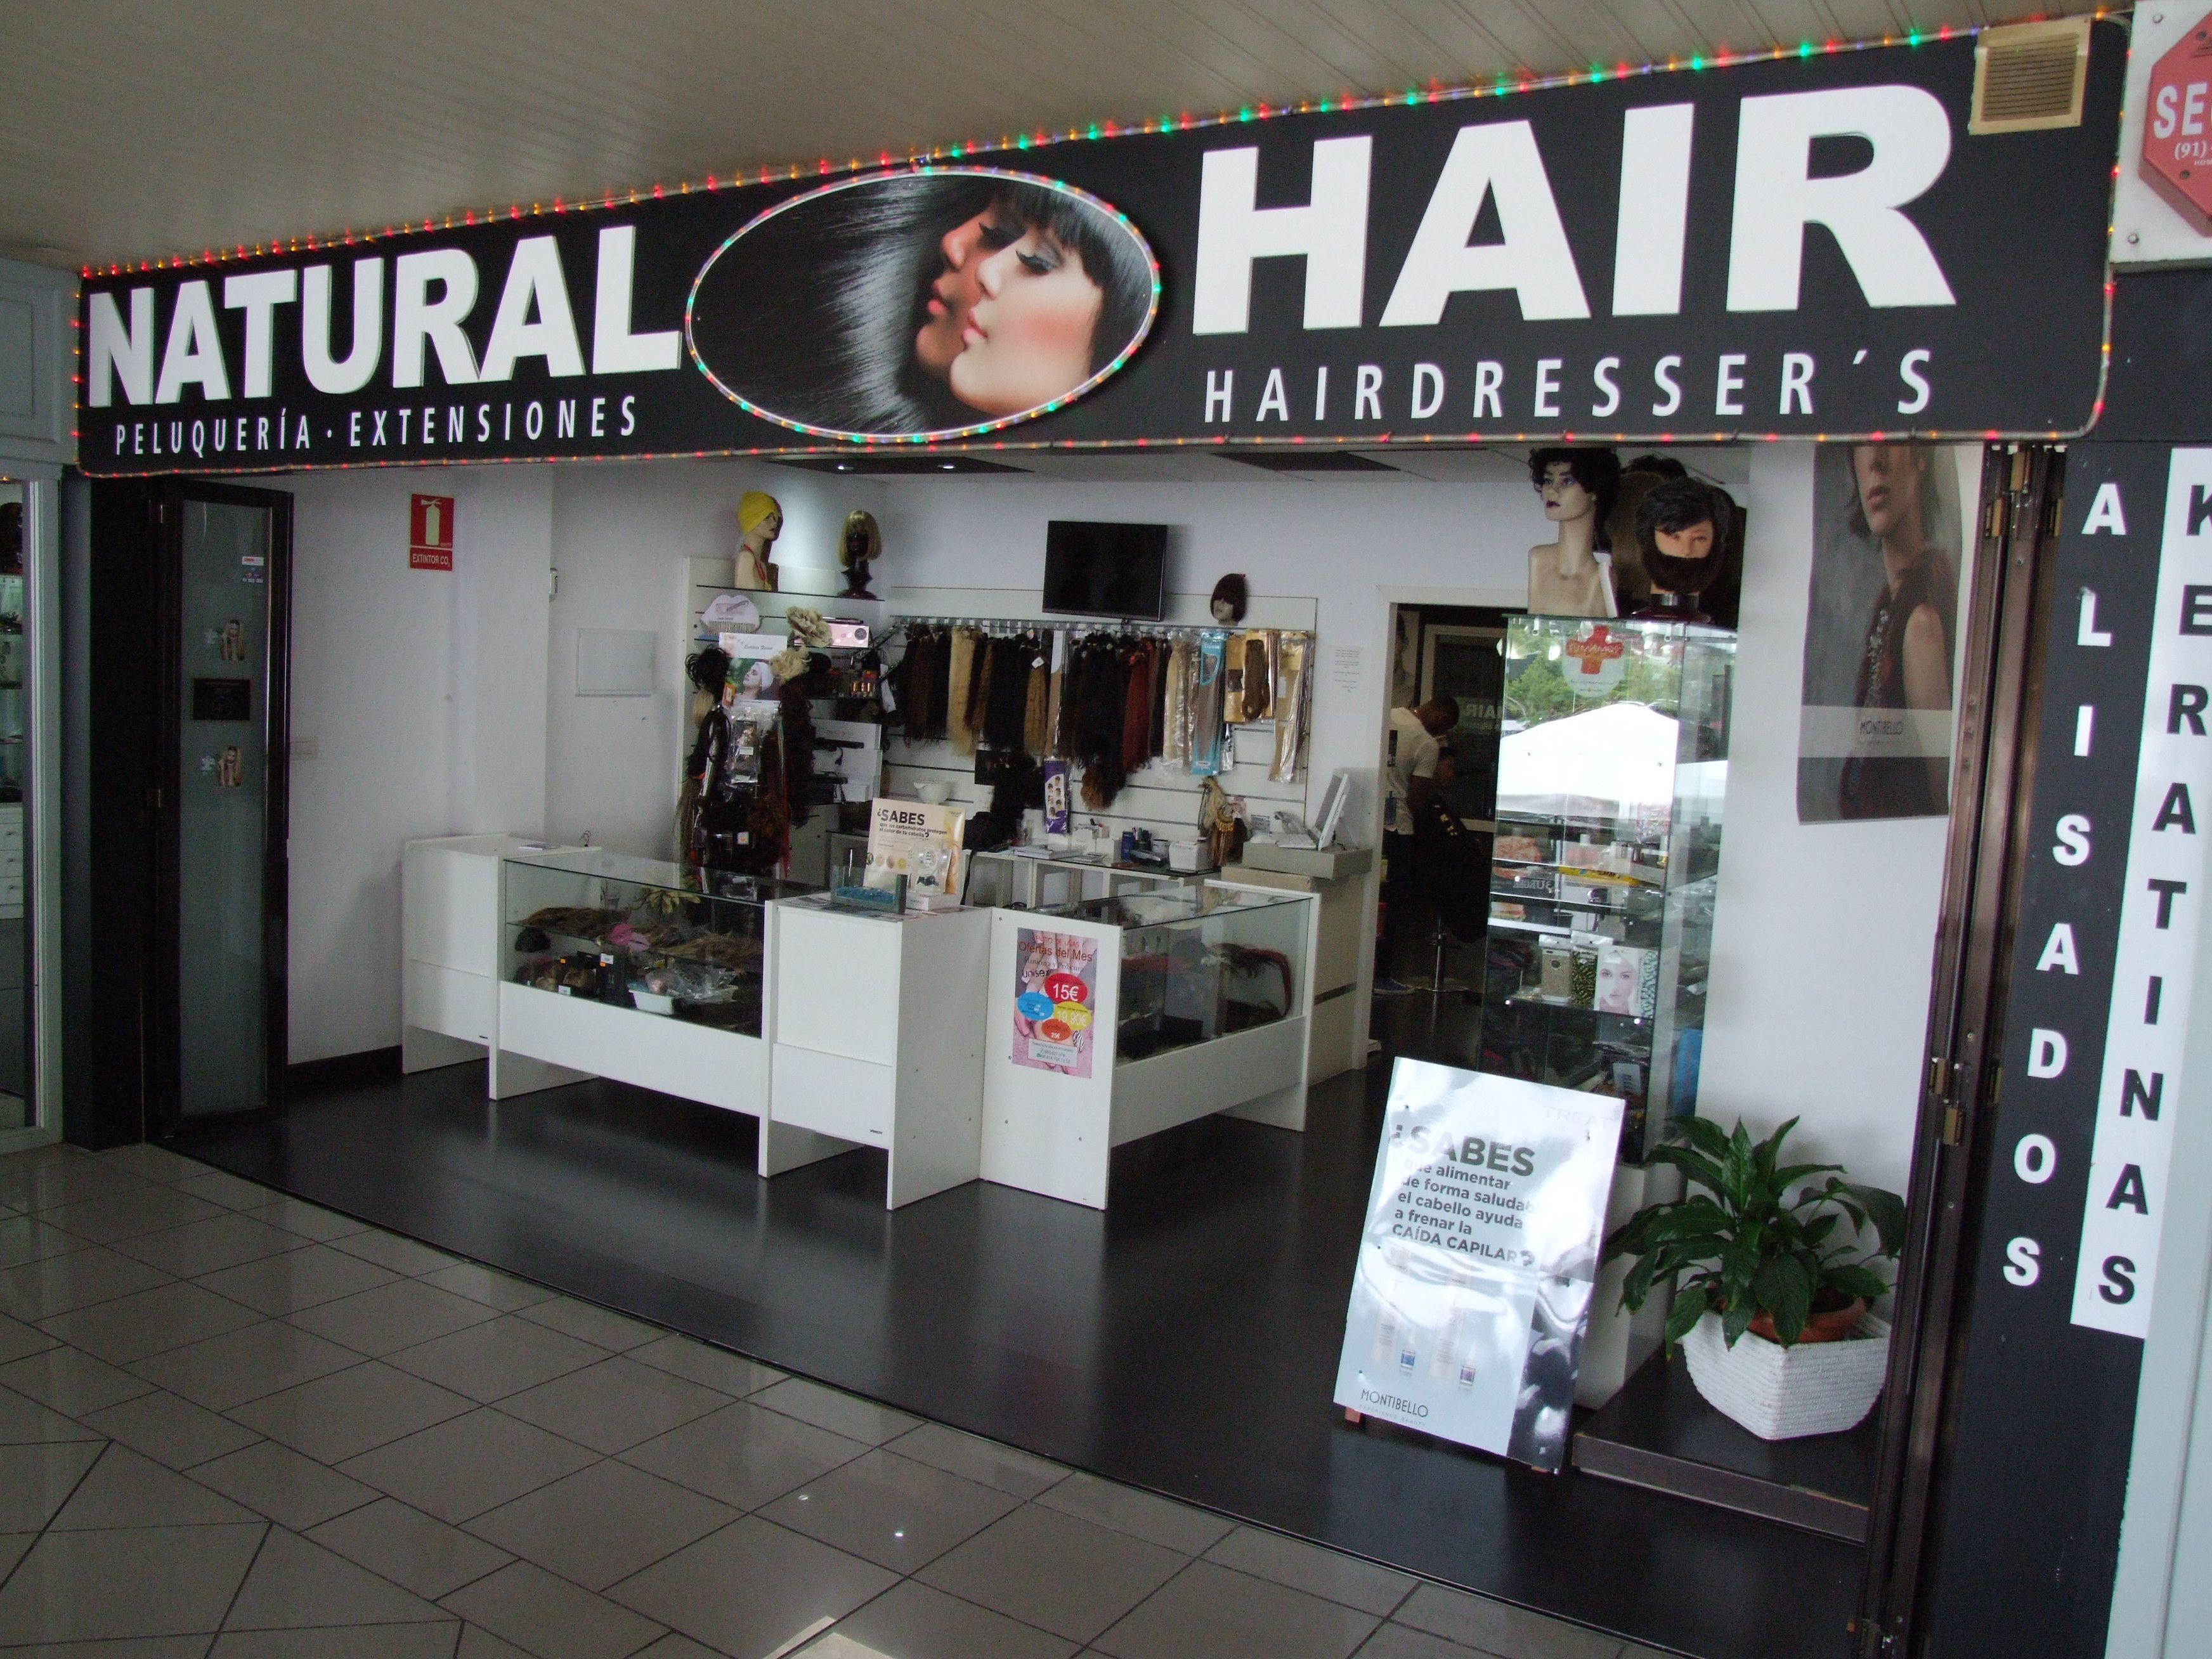 Hairdressing center in Tenerife